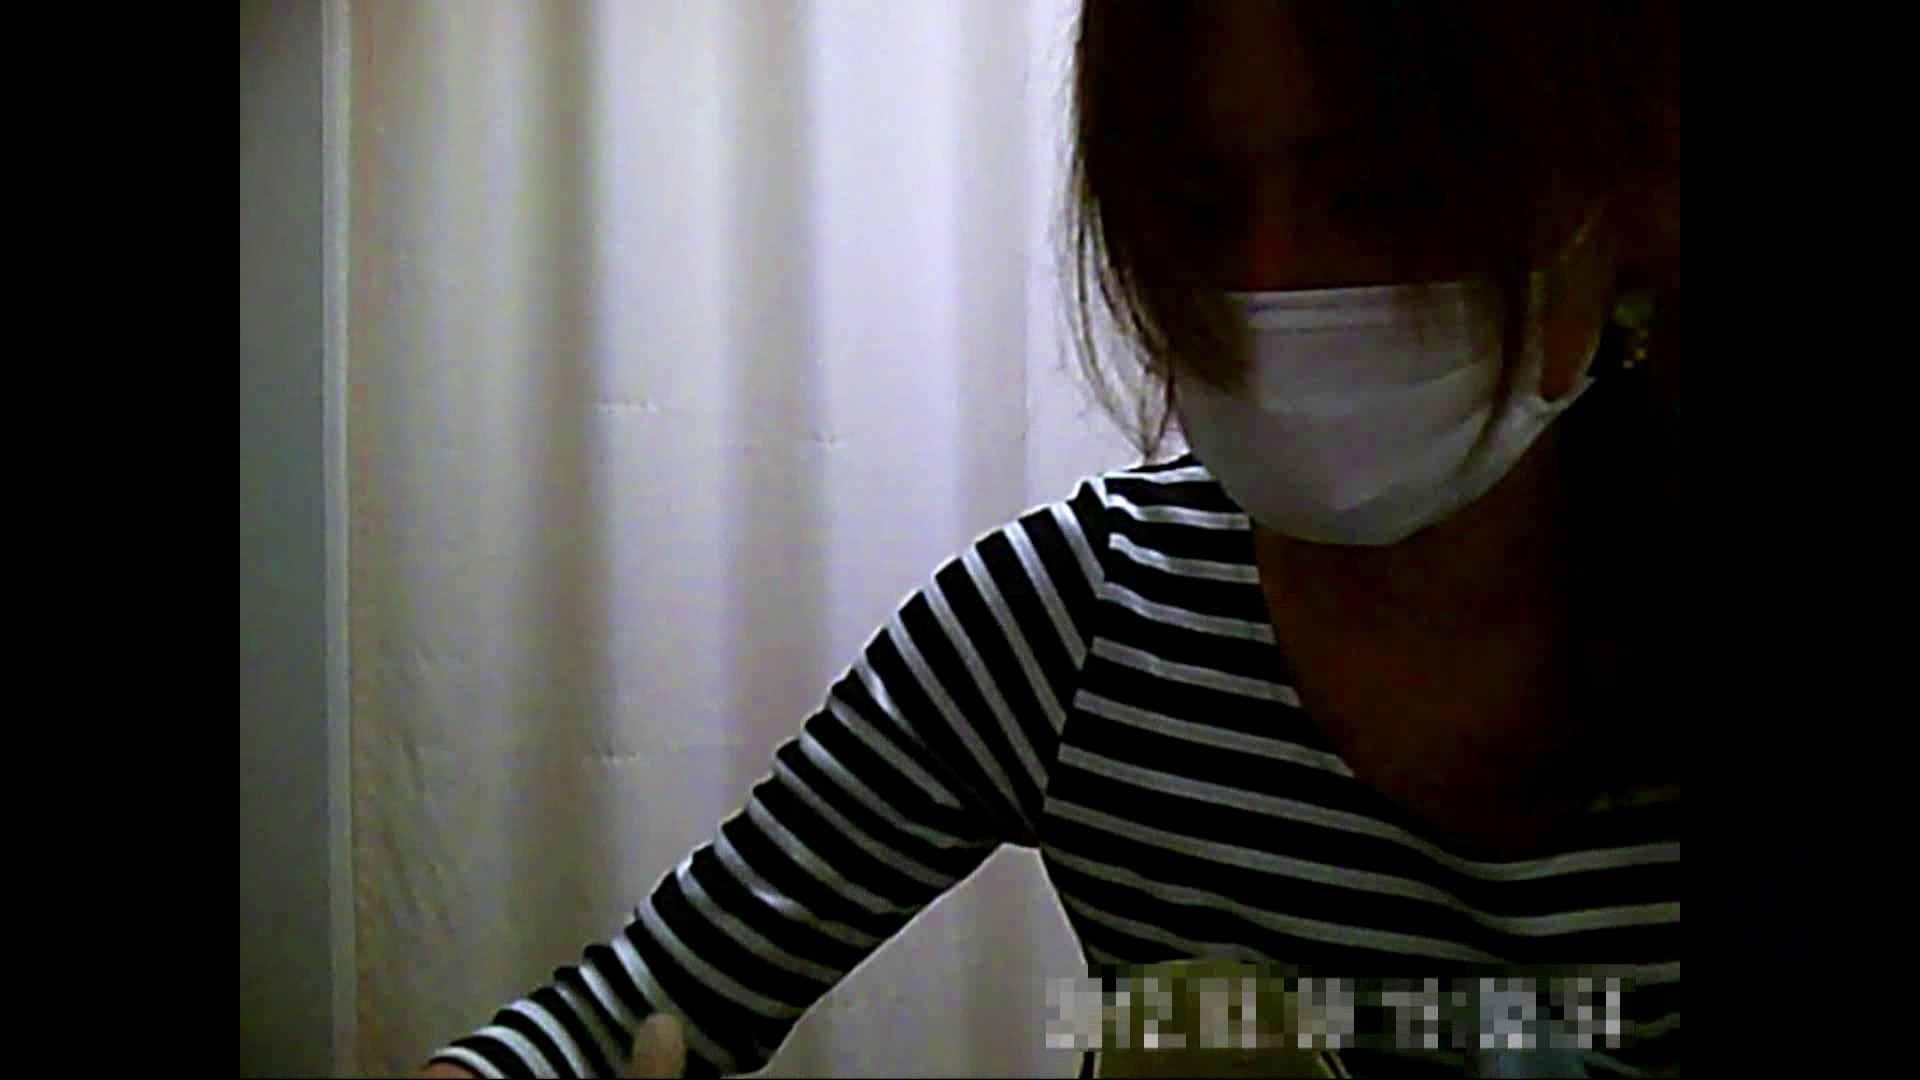 元医者による反抗 更衣室地獄絵巻 vol.030 盛合せ AV動画キャプチャ 90画像 68